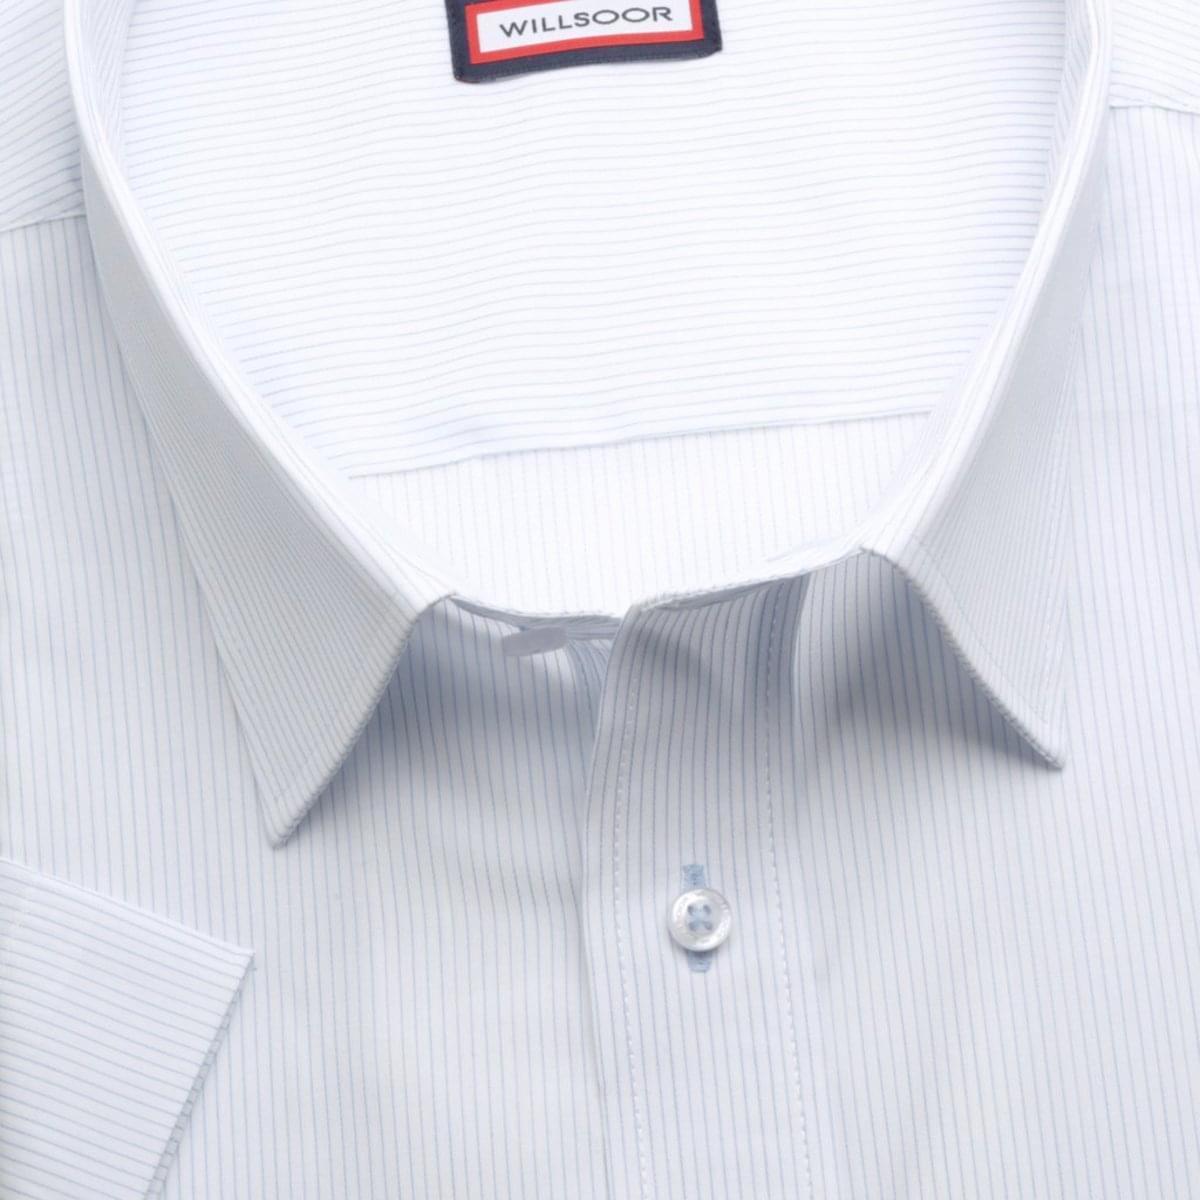 Pánska klasická košeľa (výška 176-182) 6588 s jemným pásikom a formulou Easy Care 176-182 / 49/50